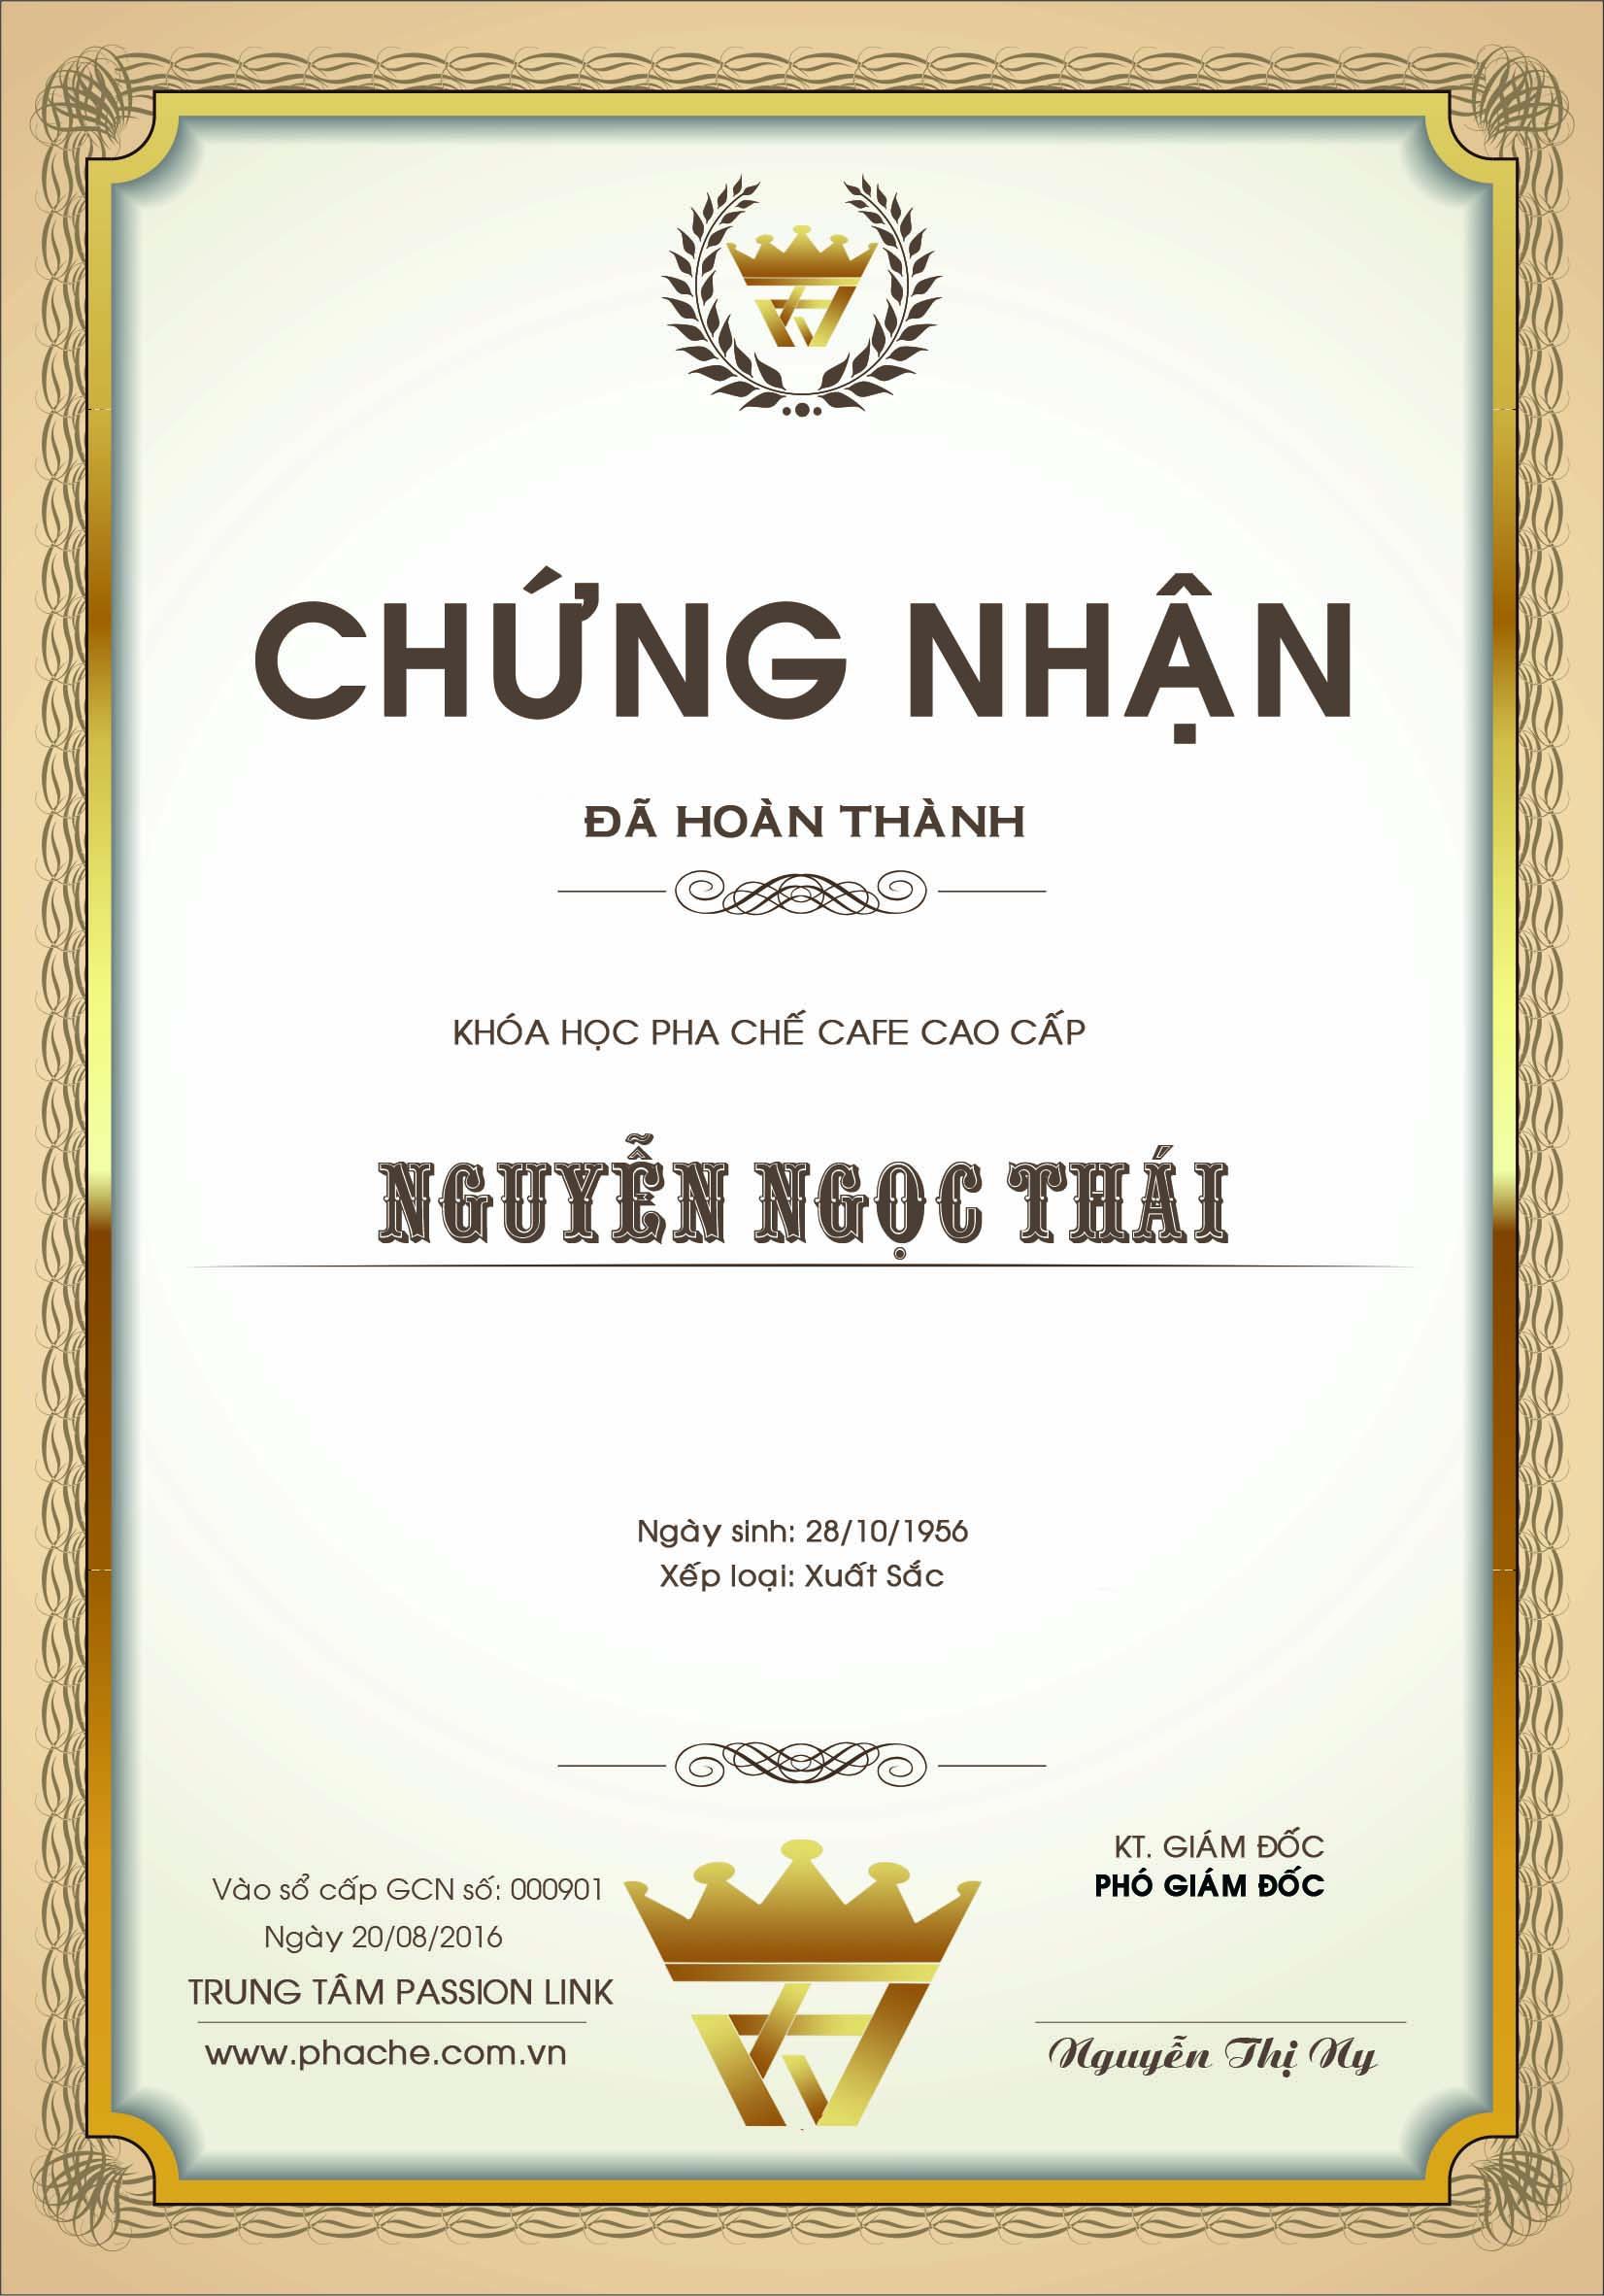 BANG PHA CHE CAFE